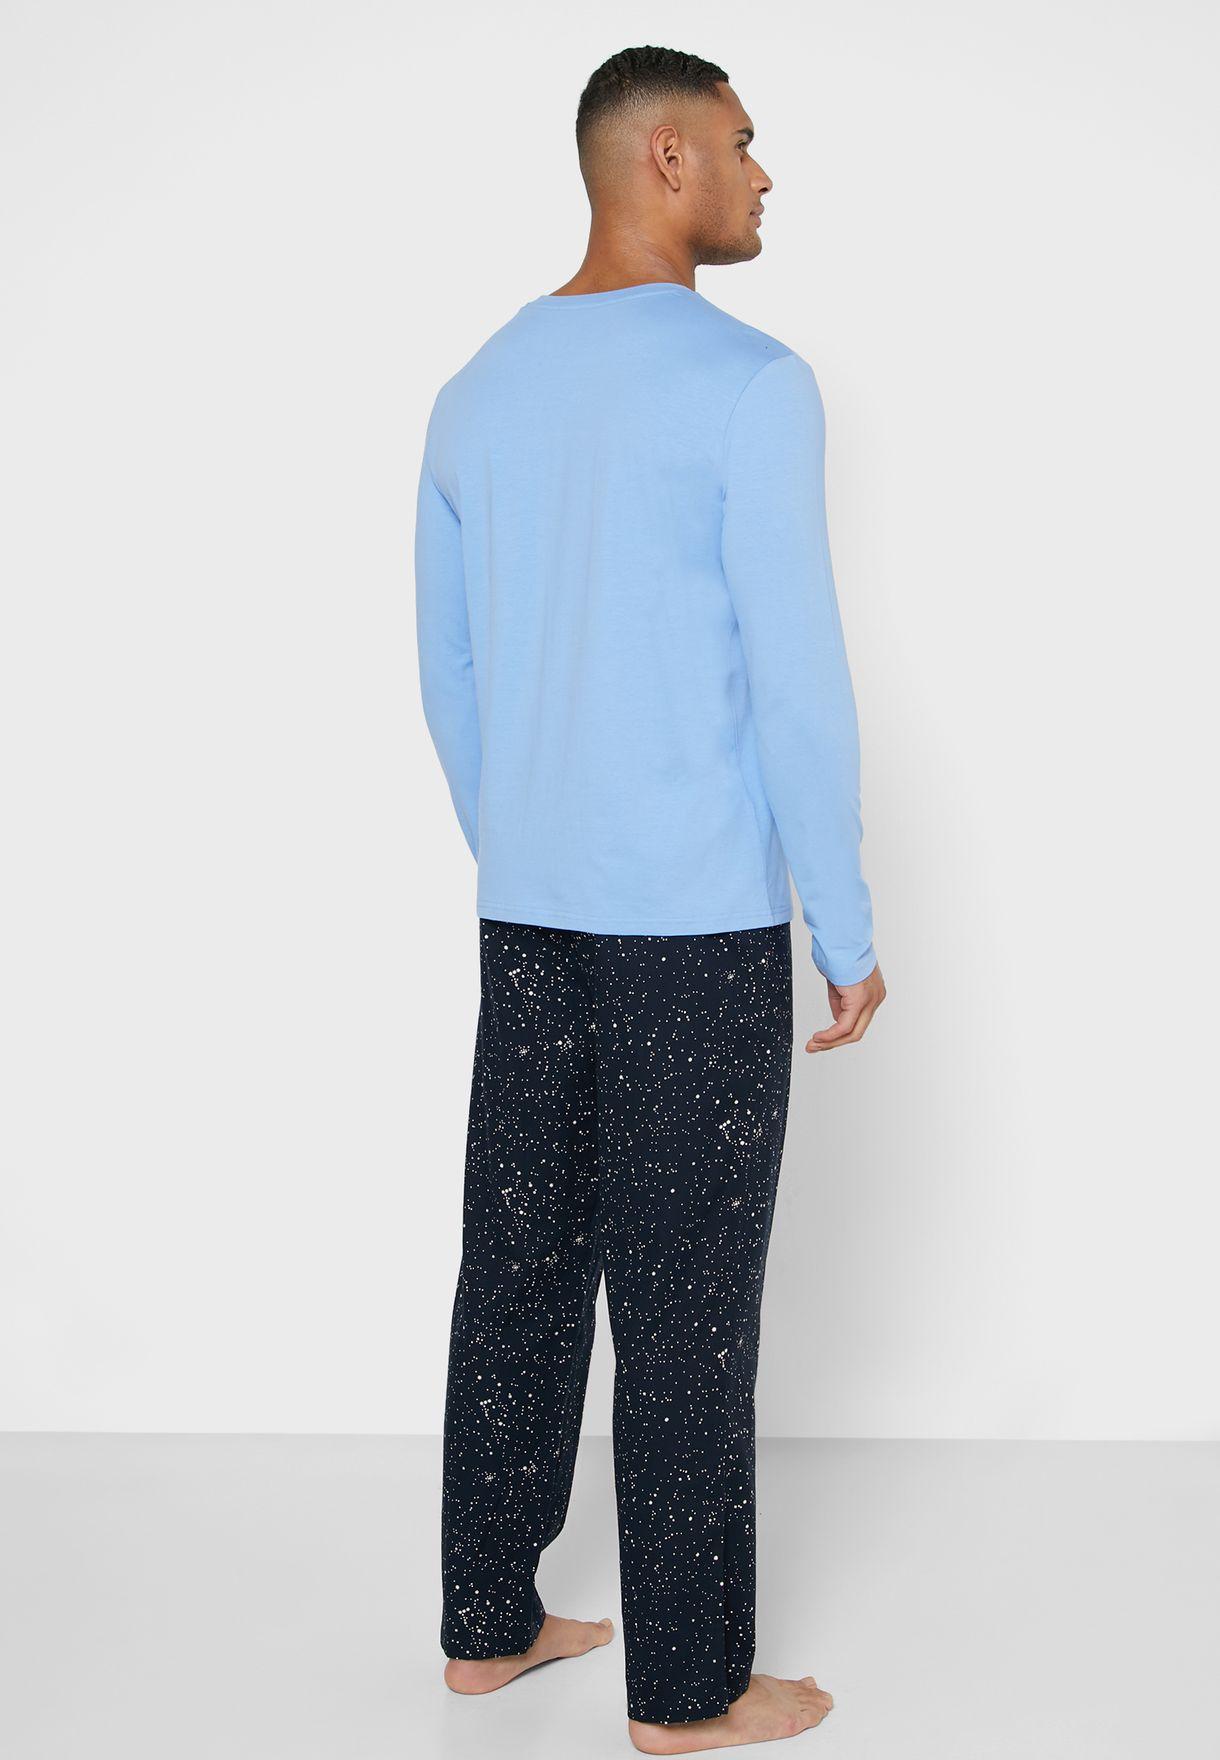 Speckled Pyjama Set